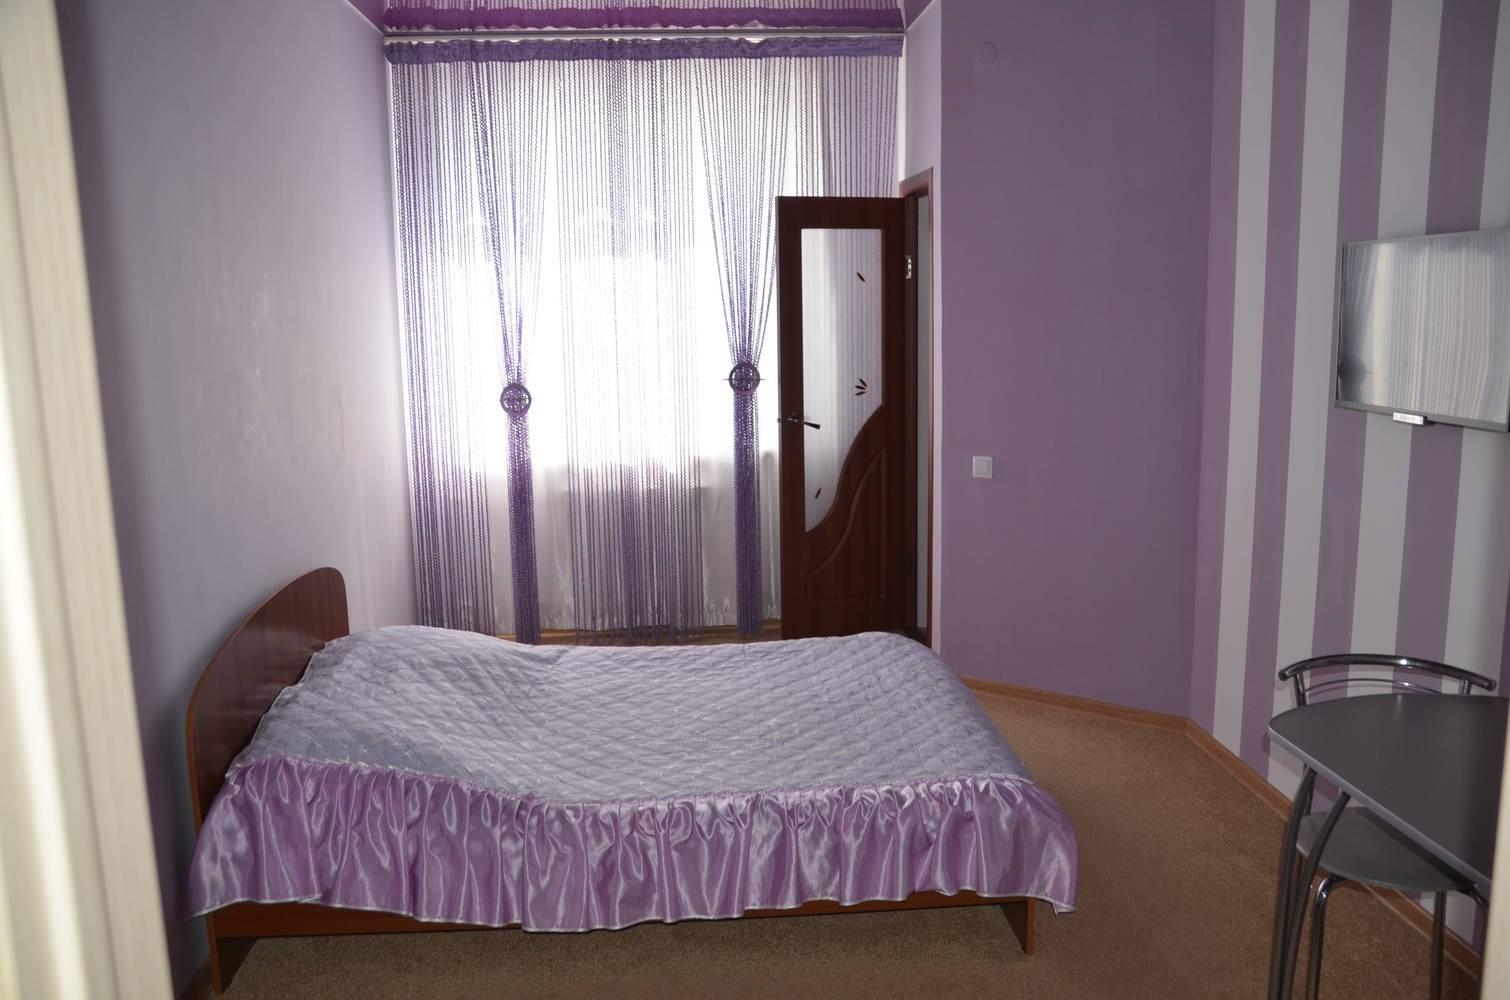 Золотой Стандарт, гостиничный комплекс - №56